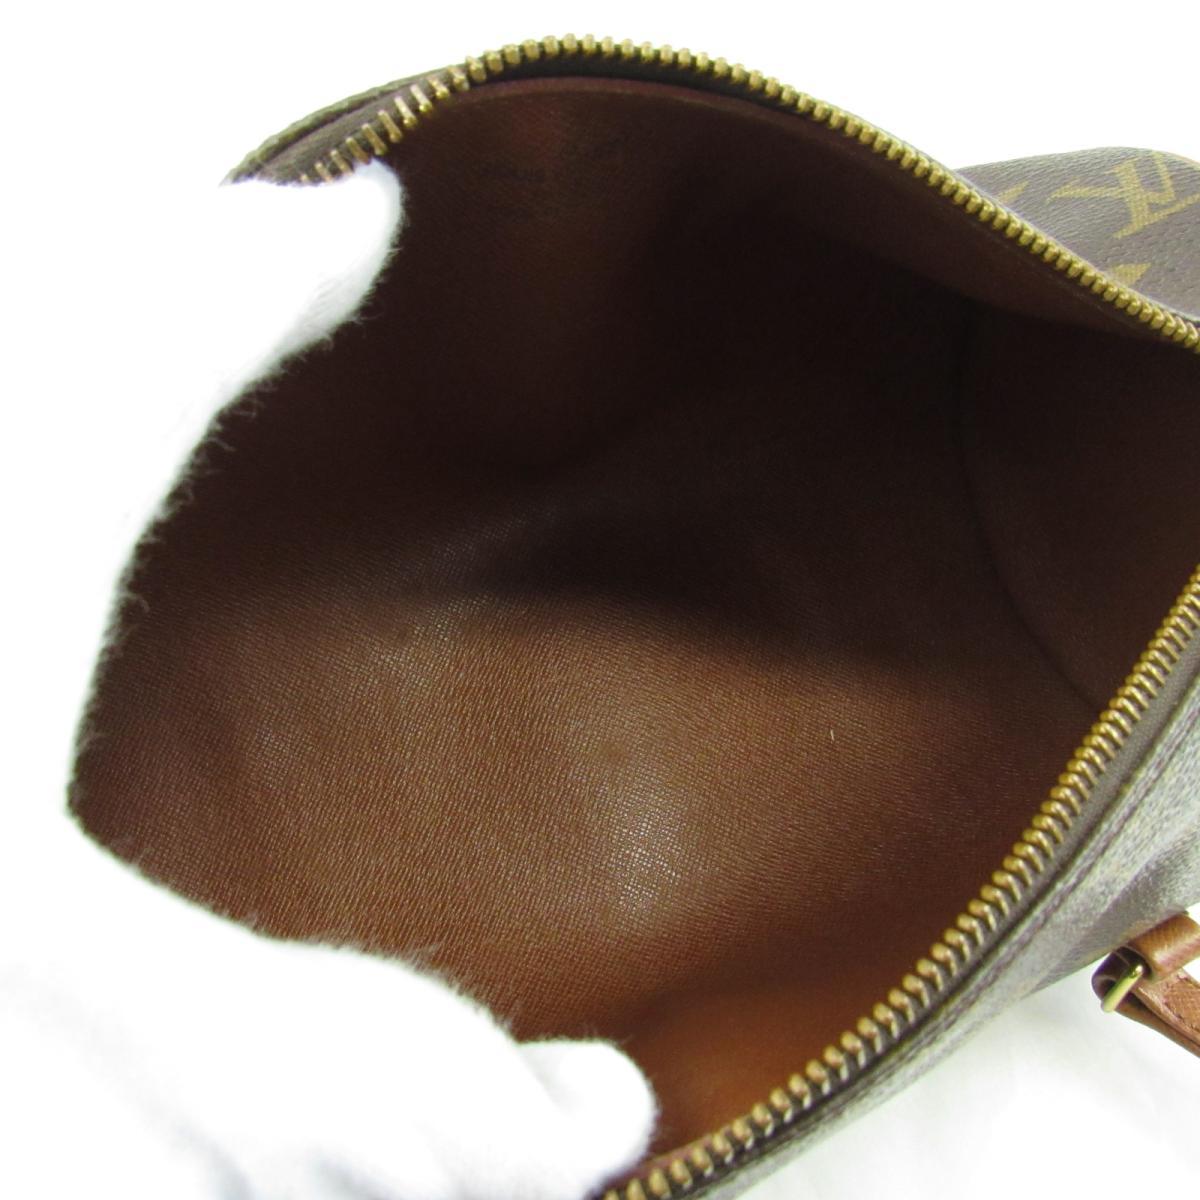 LOUIS VUITTON バッグ M51366 パピヨン(旧)PM ショルダーバッグ ハンドバッグ